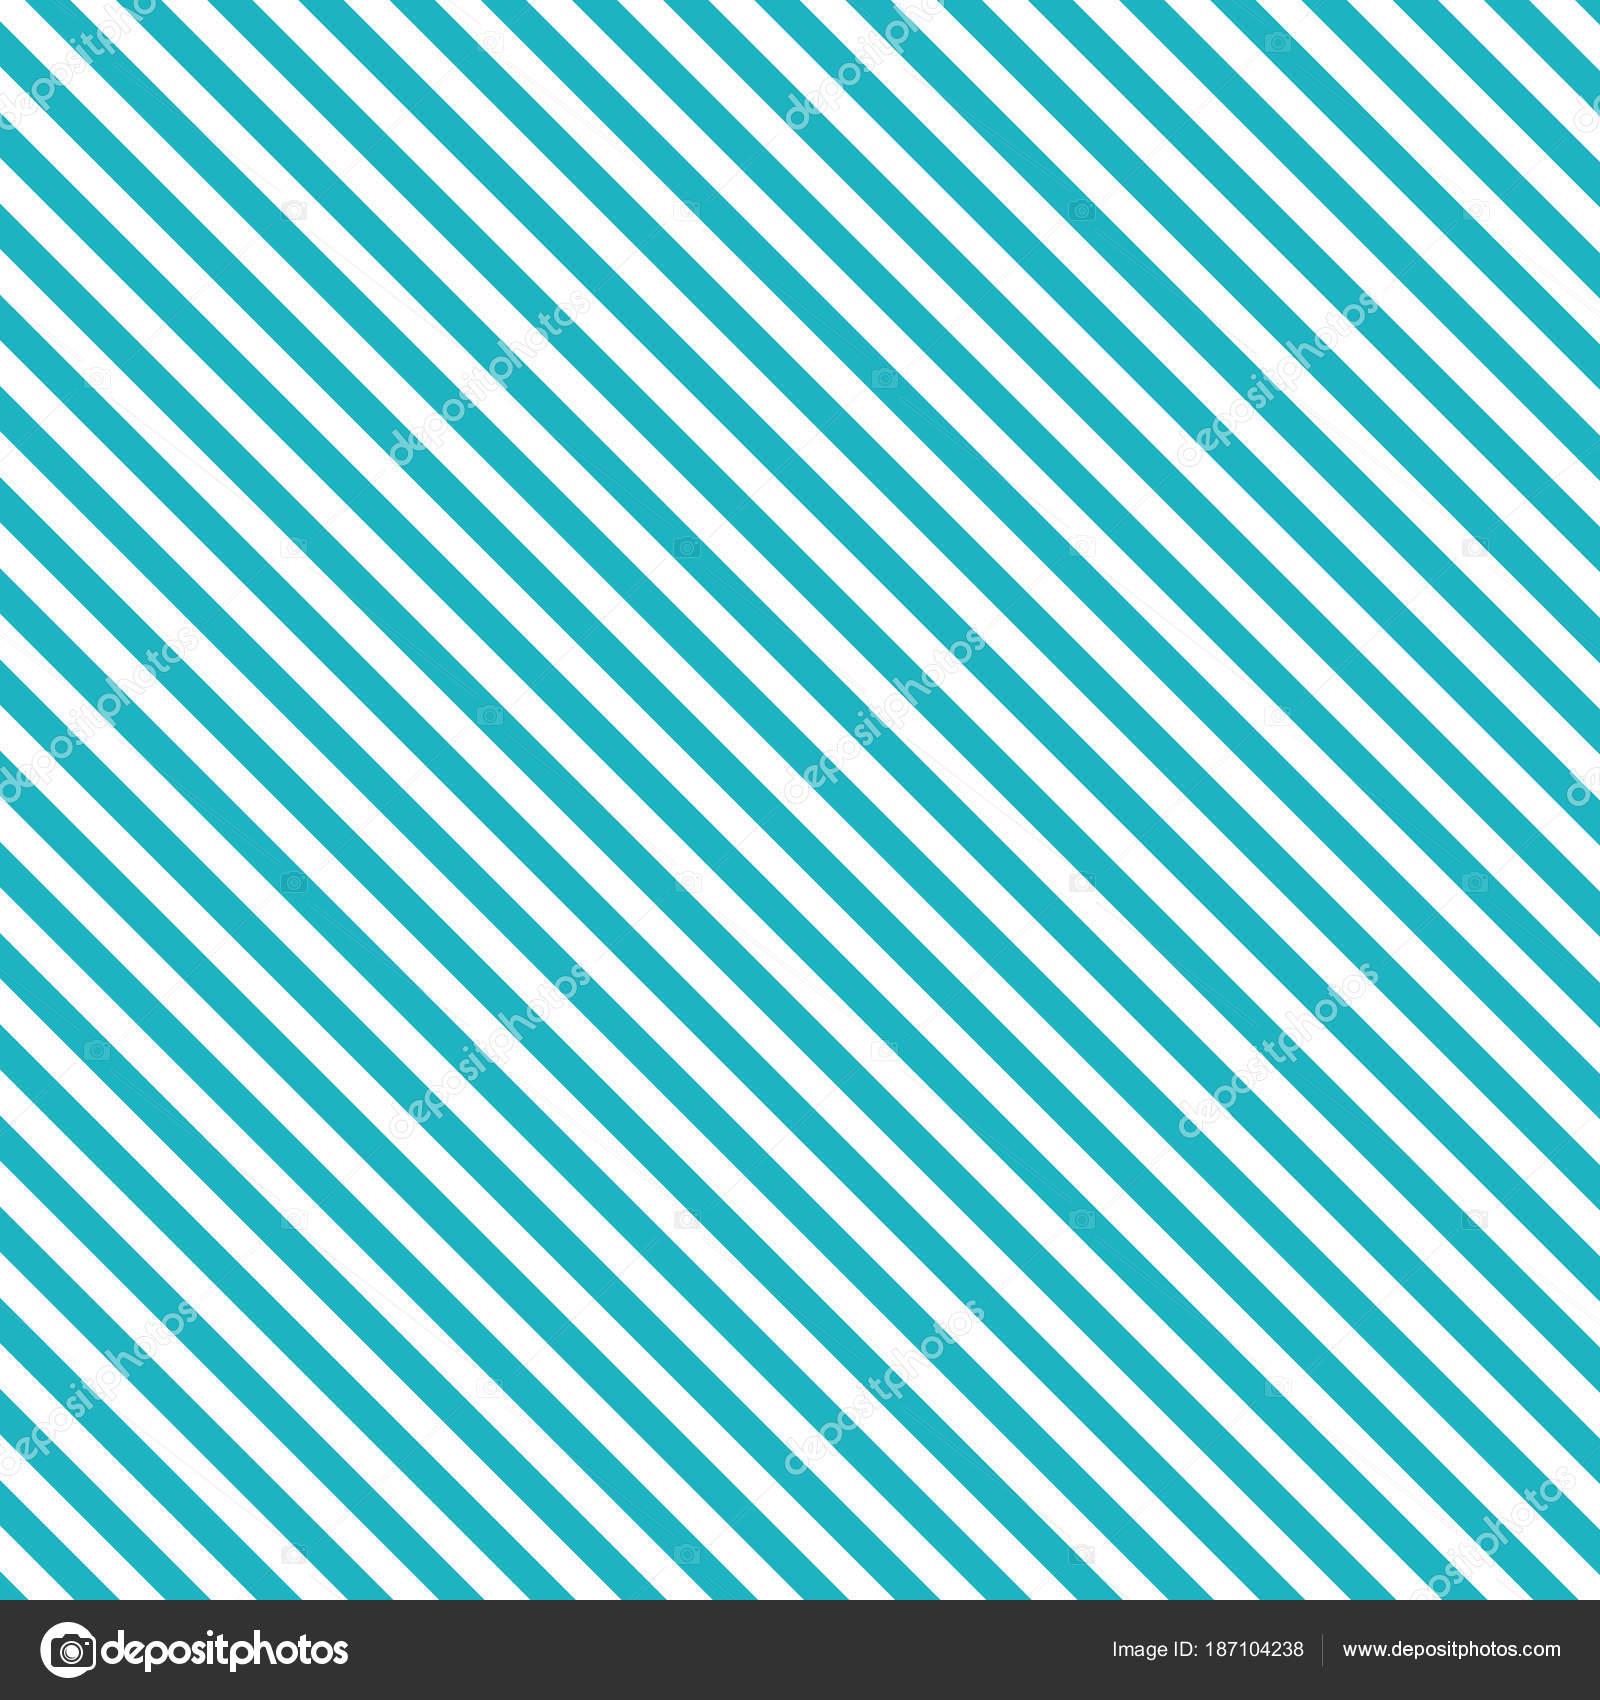 Fondos azules con rayas blancas chungcuso3luongyen - Papel de pared de rayas ...